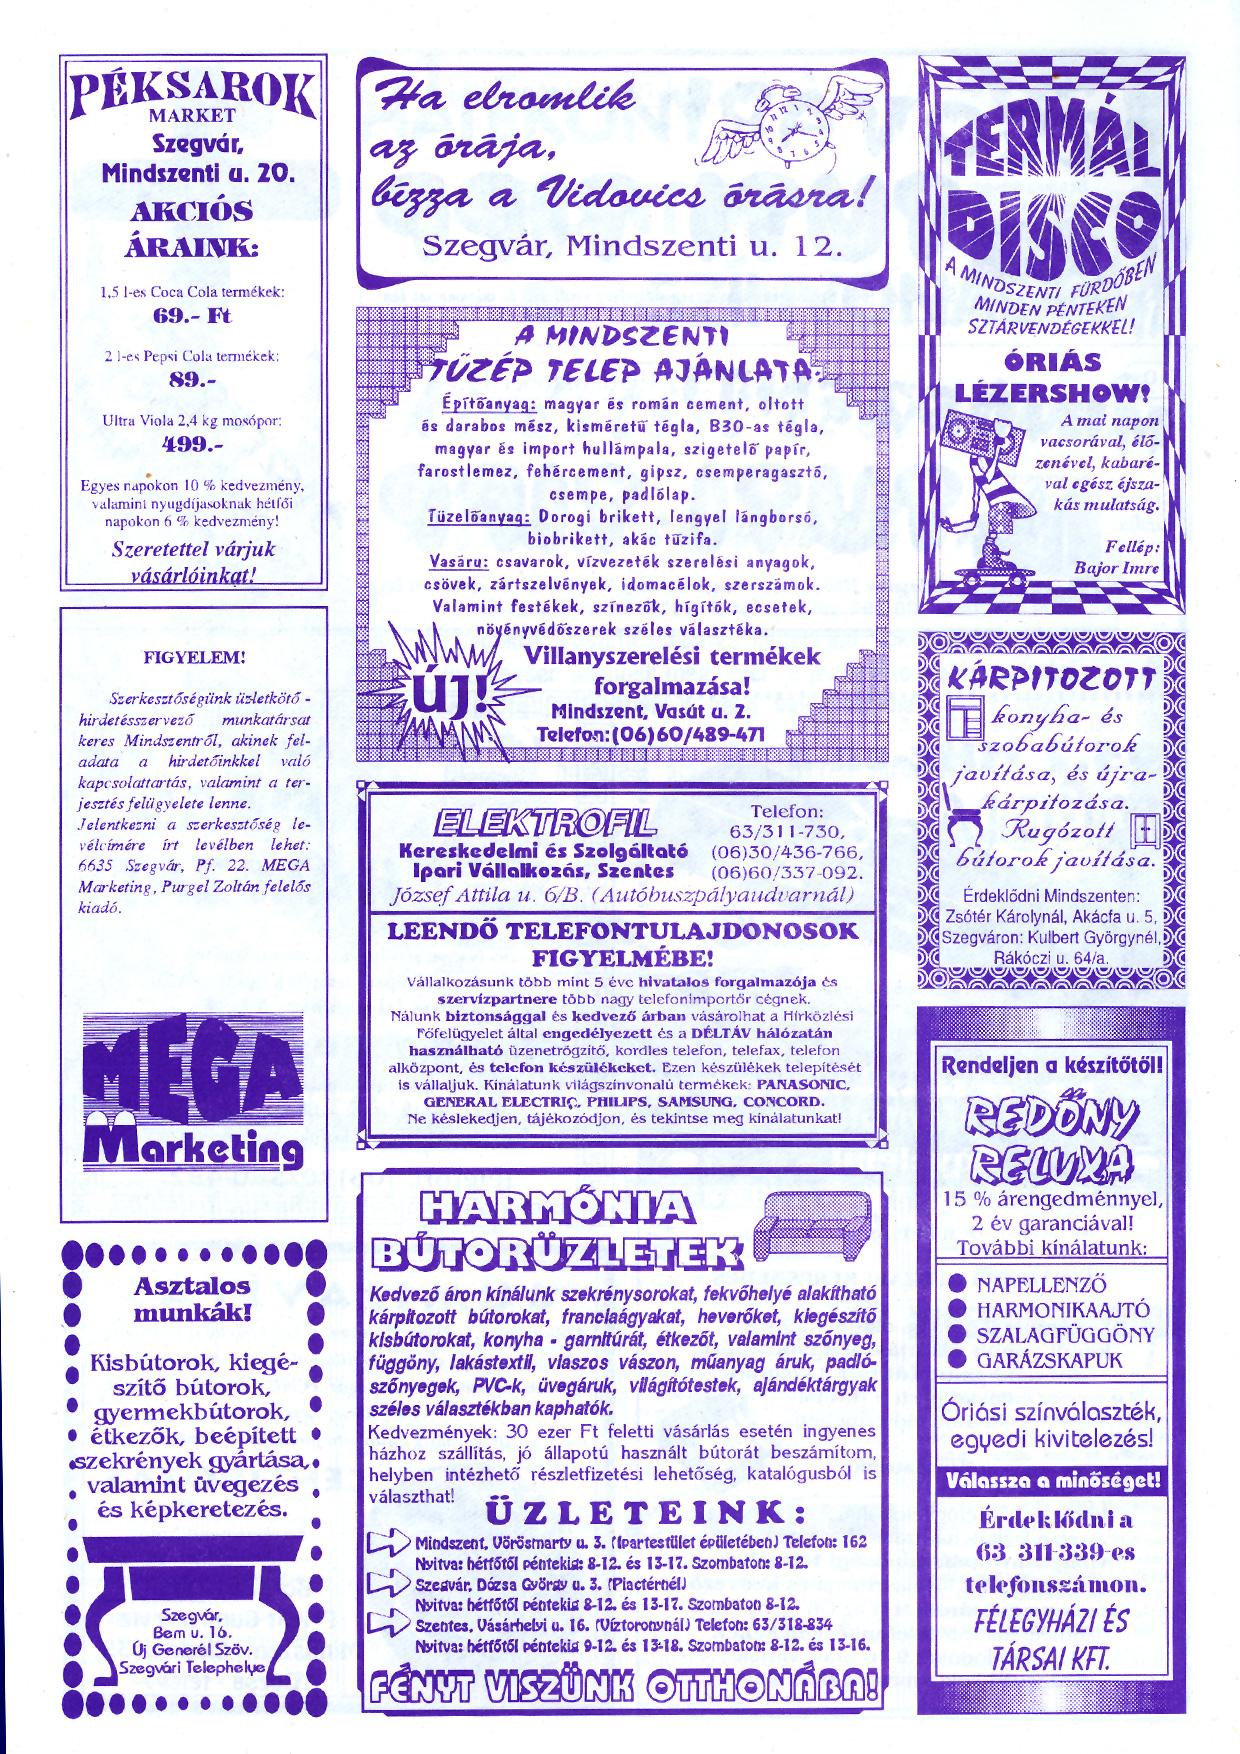 060 Szegvári és Mindszenti Tuti Tipp reklámújság - 19961019-032-009. lapszám - 2.oldal - II. évfolyam.jpg